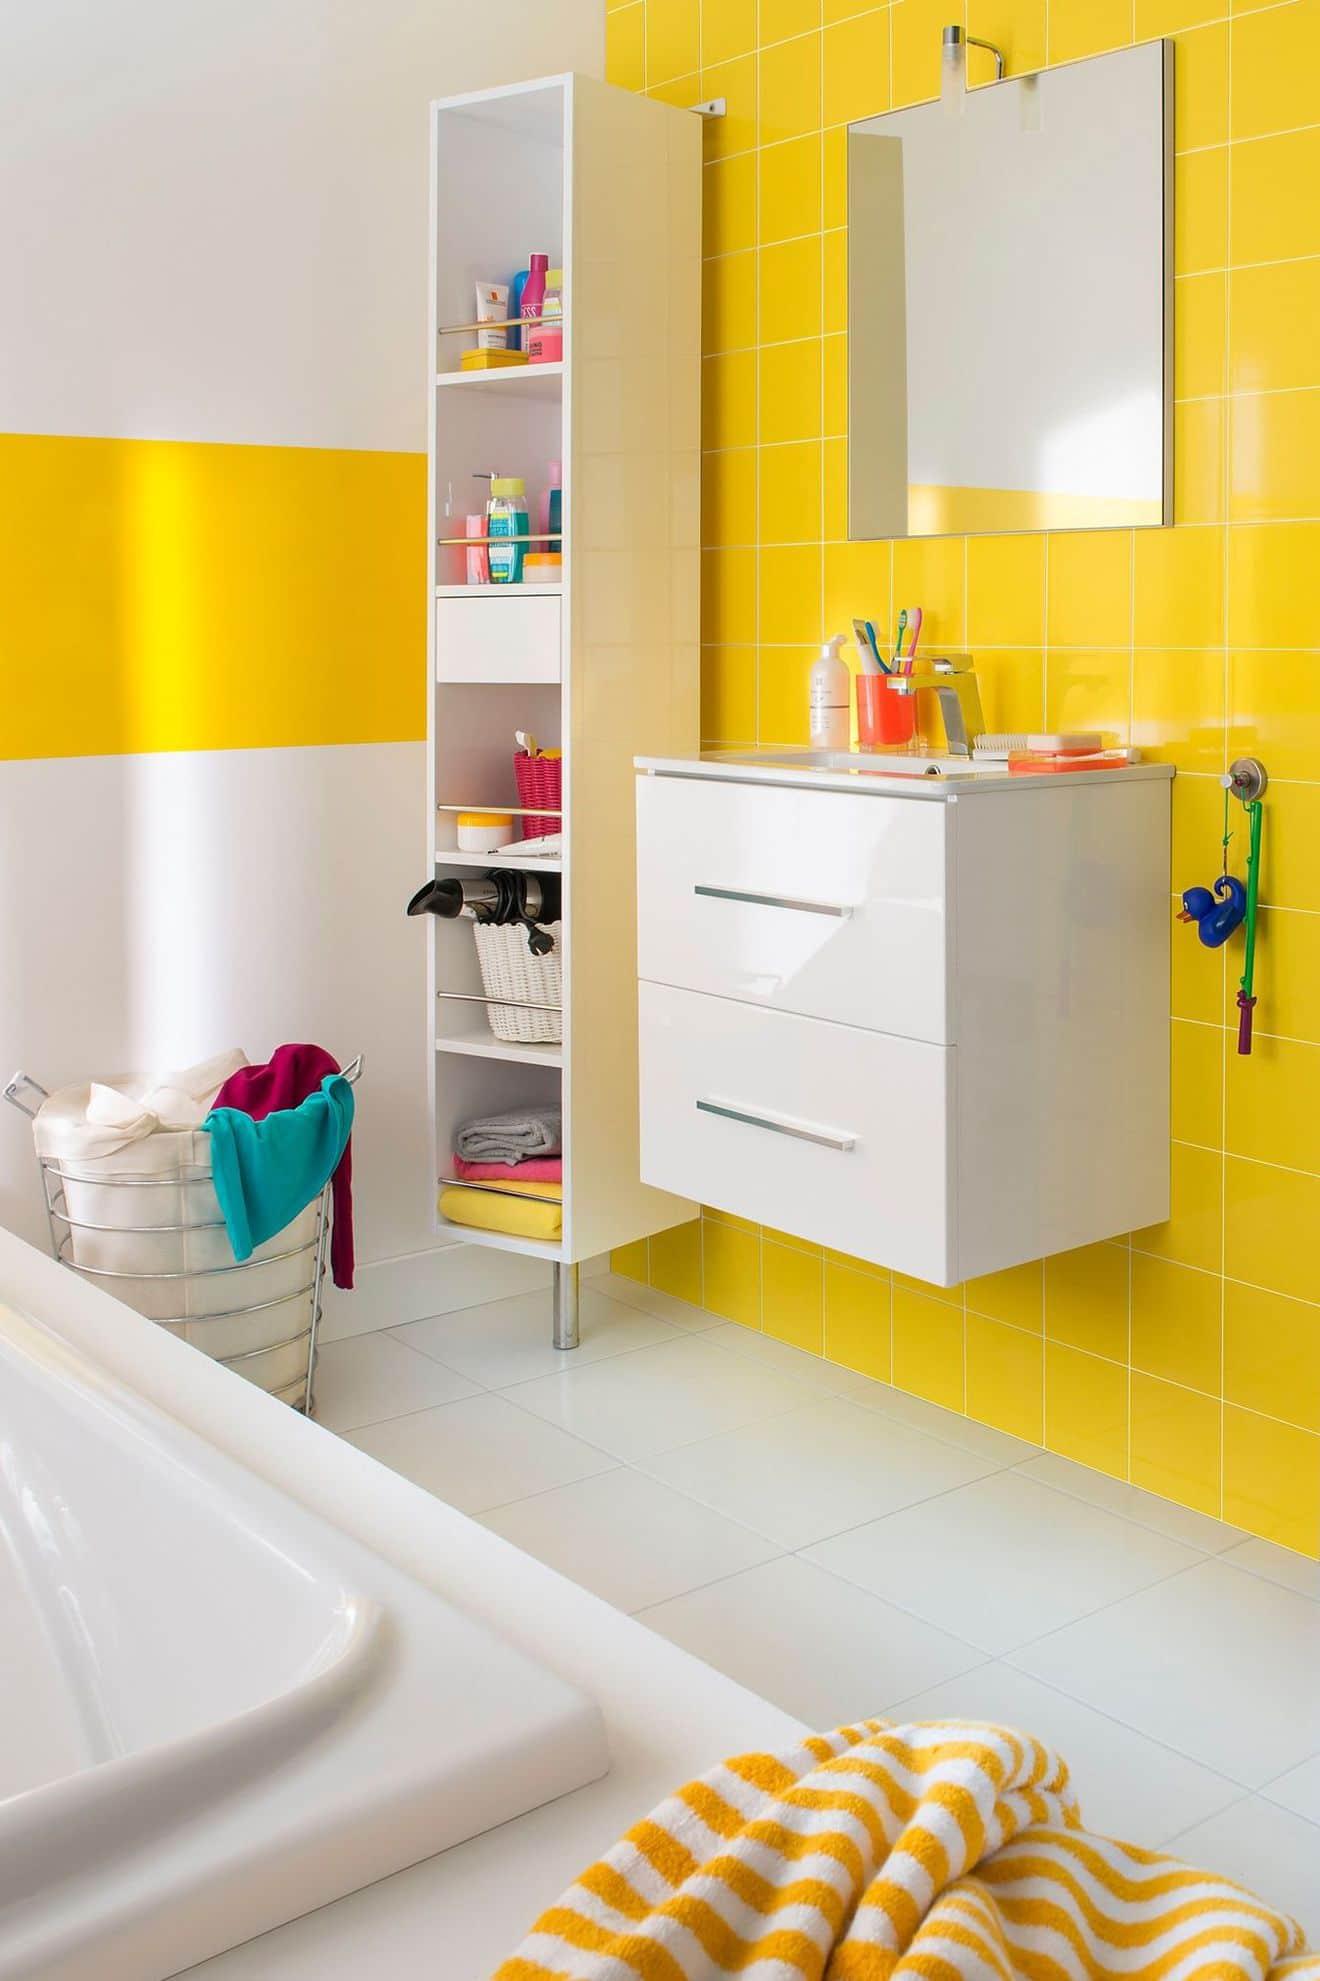 salle de bain enfant 15 id es pratiques pour sublimer l enfance. Black Bedroom Furniture Sets. Home Design Ideas